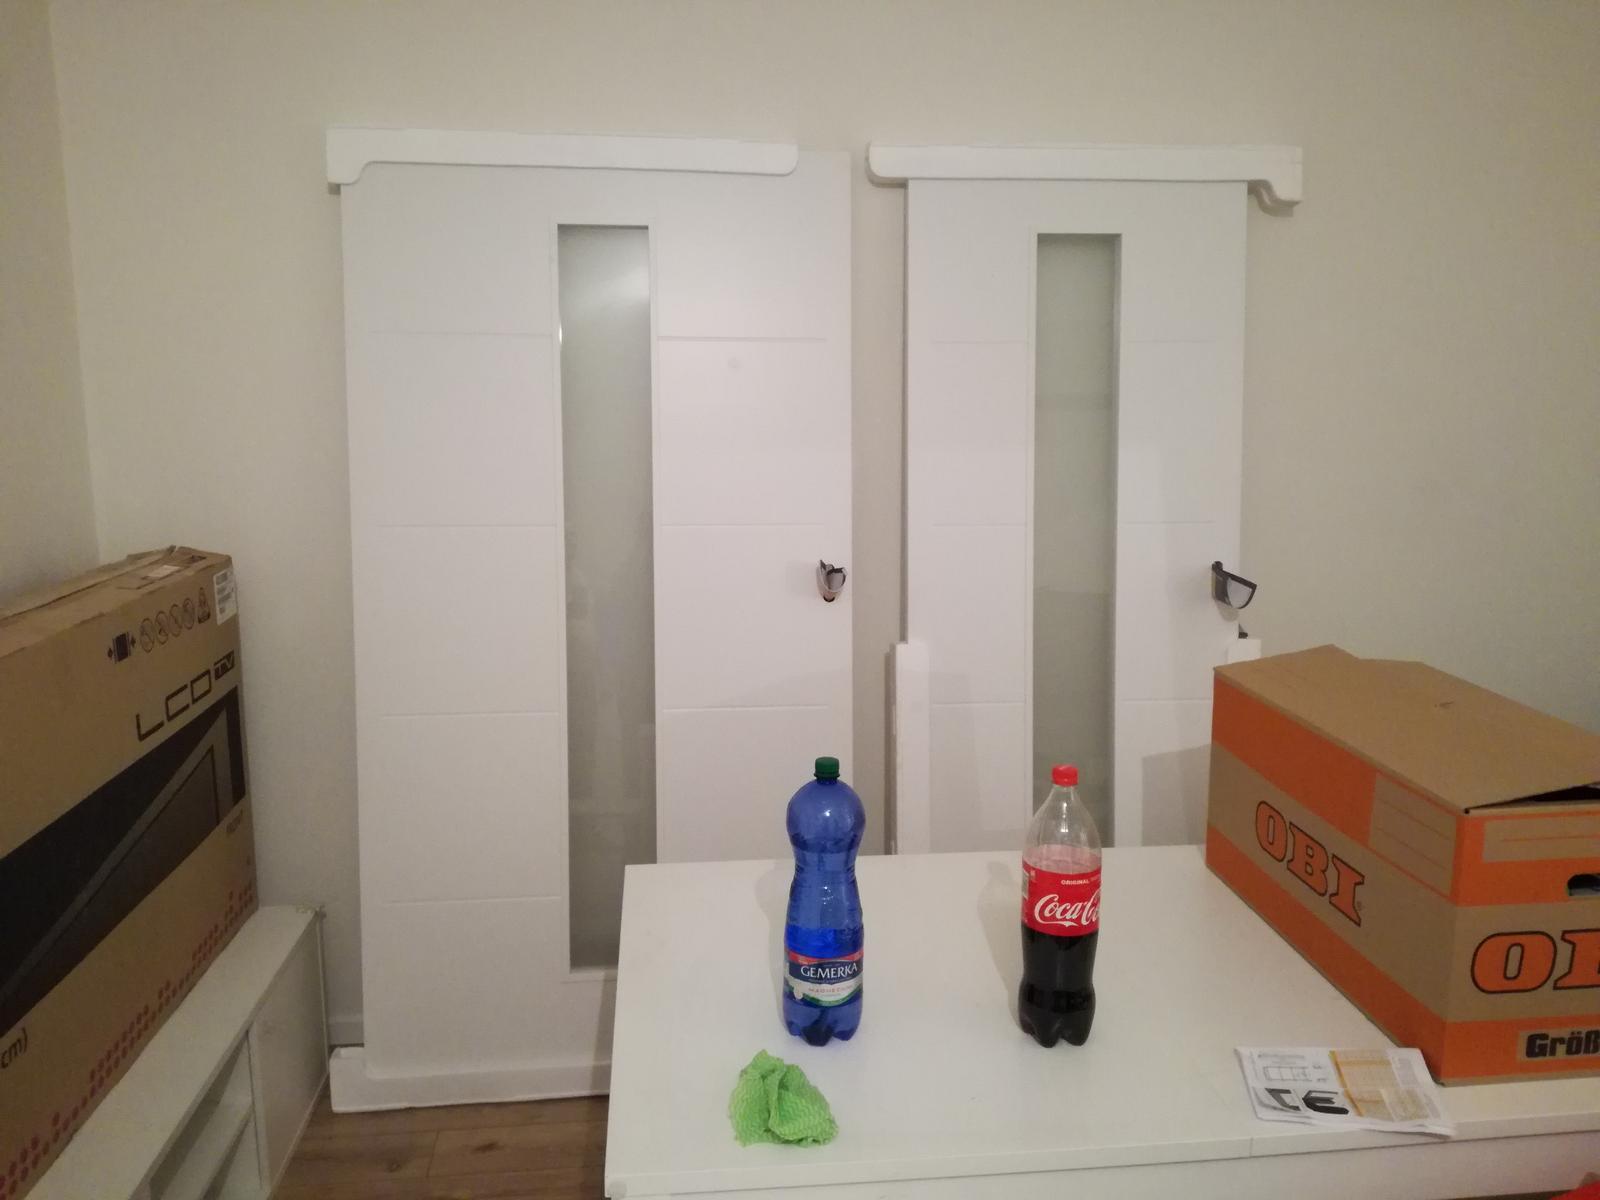 Minidomček pod Karpatmi - Posuvne dvere do puzdra <3 rovnake ako ostatne interierove. velke obyvackove 110cm sirka, mensie na wc 80cm sirka